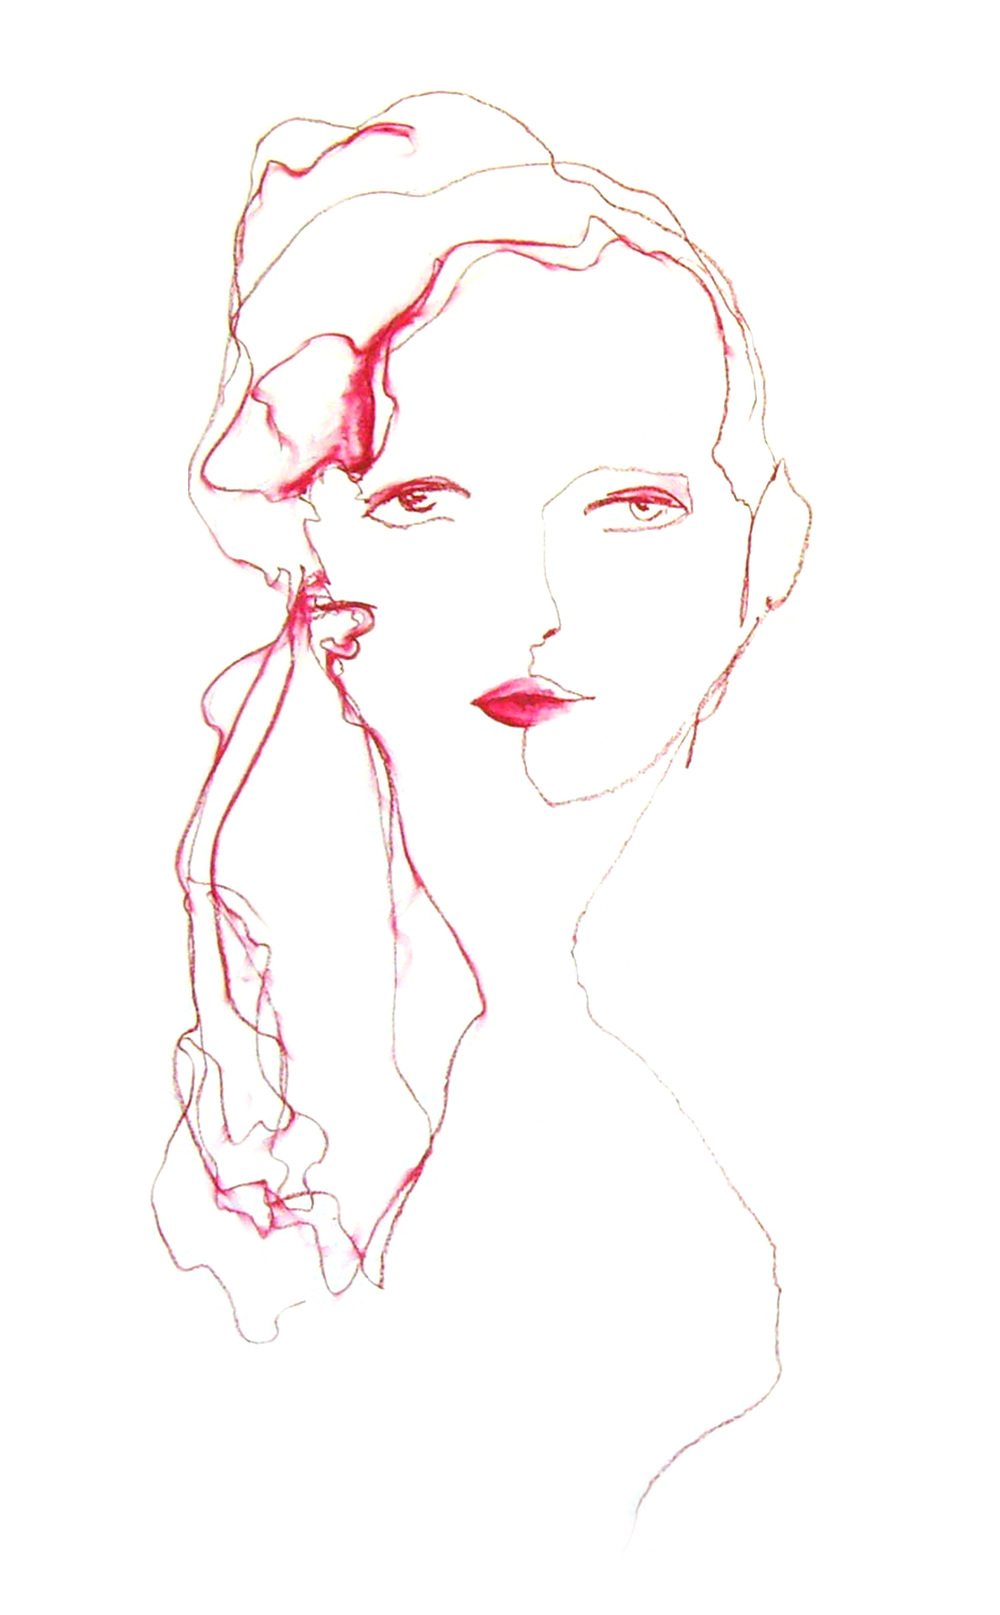 lipstick-2-crop.jpg